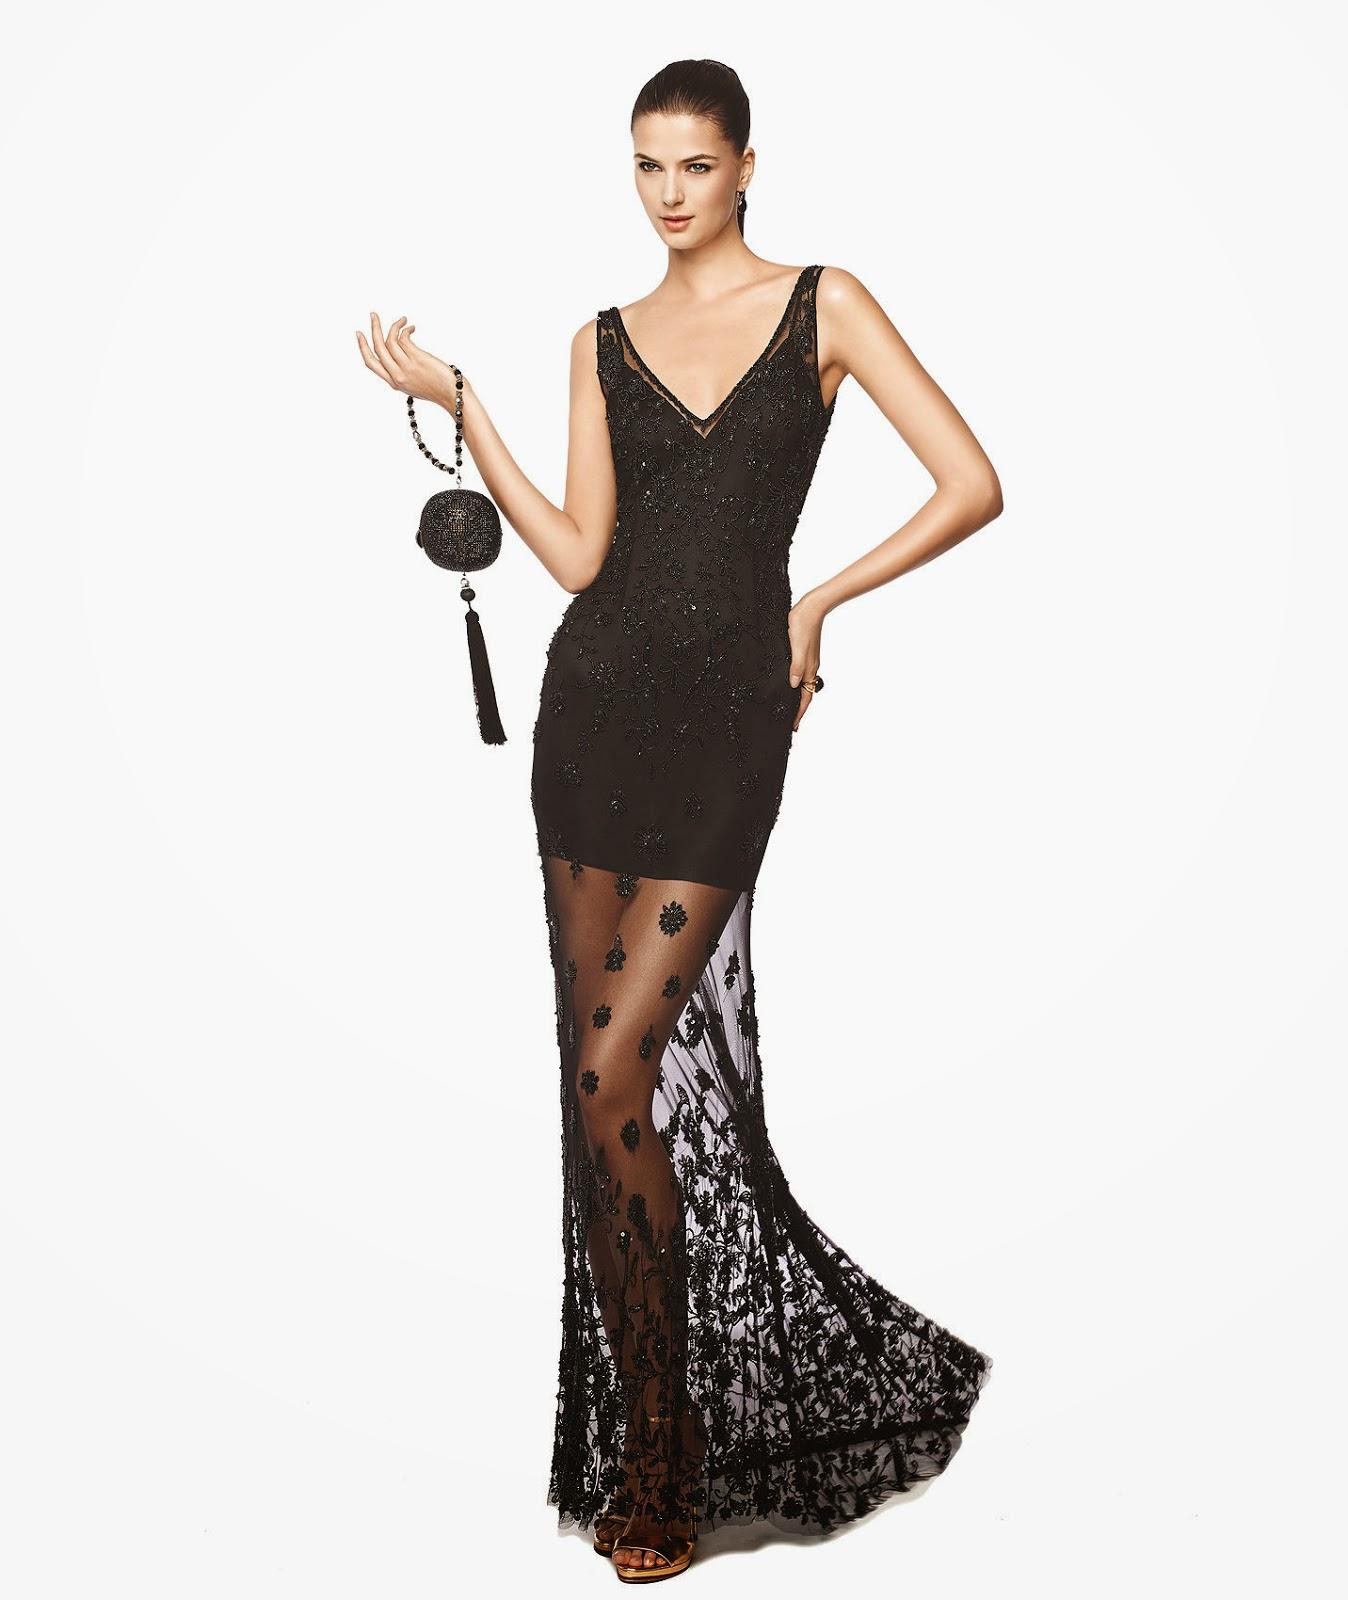 6acfc6372244e Şöyle ki, mini eteğin bittiği noktadan sonra üstüne üst kısmındaki  desenlerden serpiştirilmiş siyah tülden bir parçayla devam ediyor elbise.